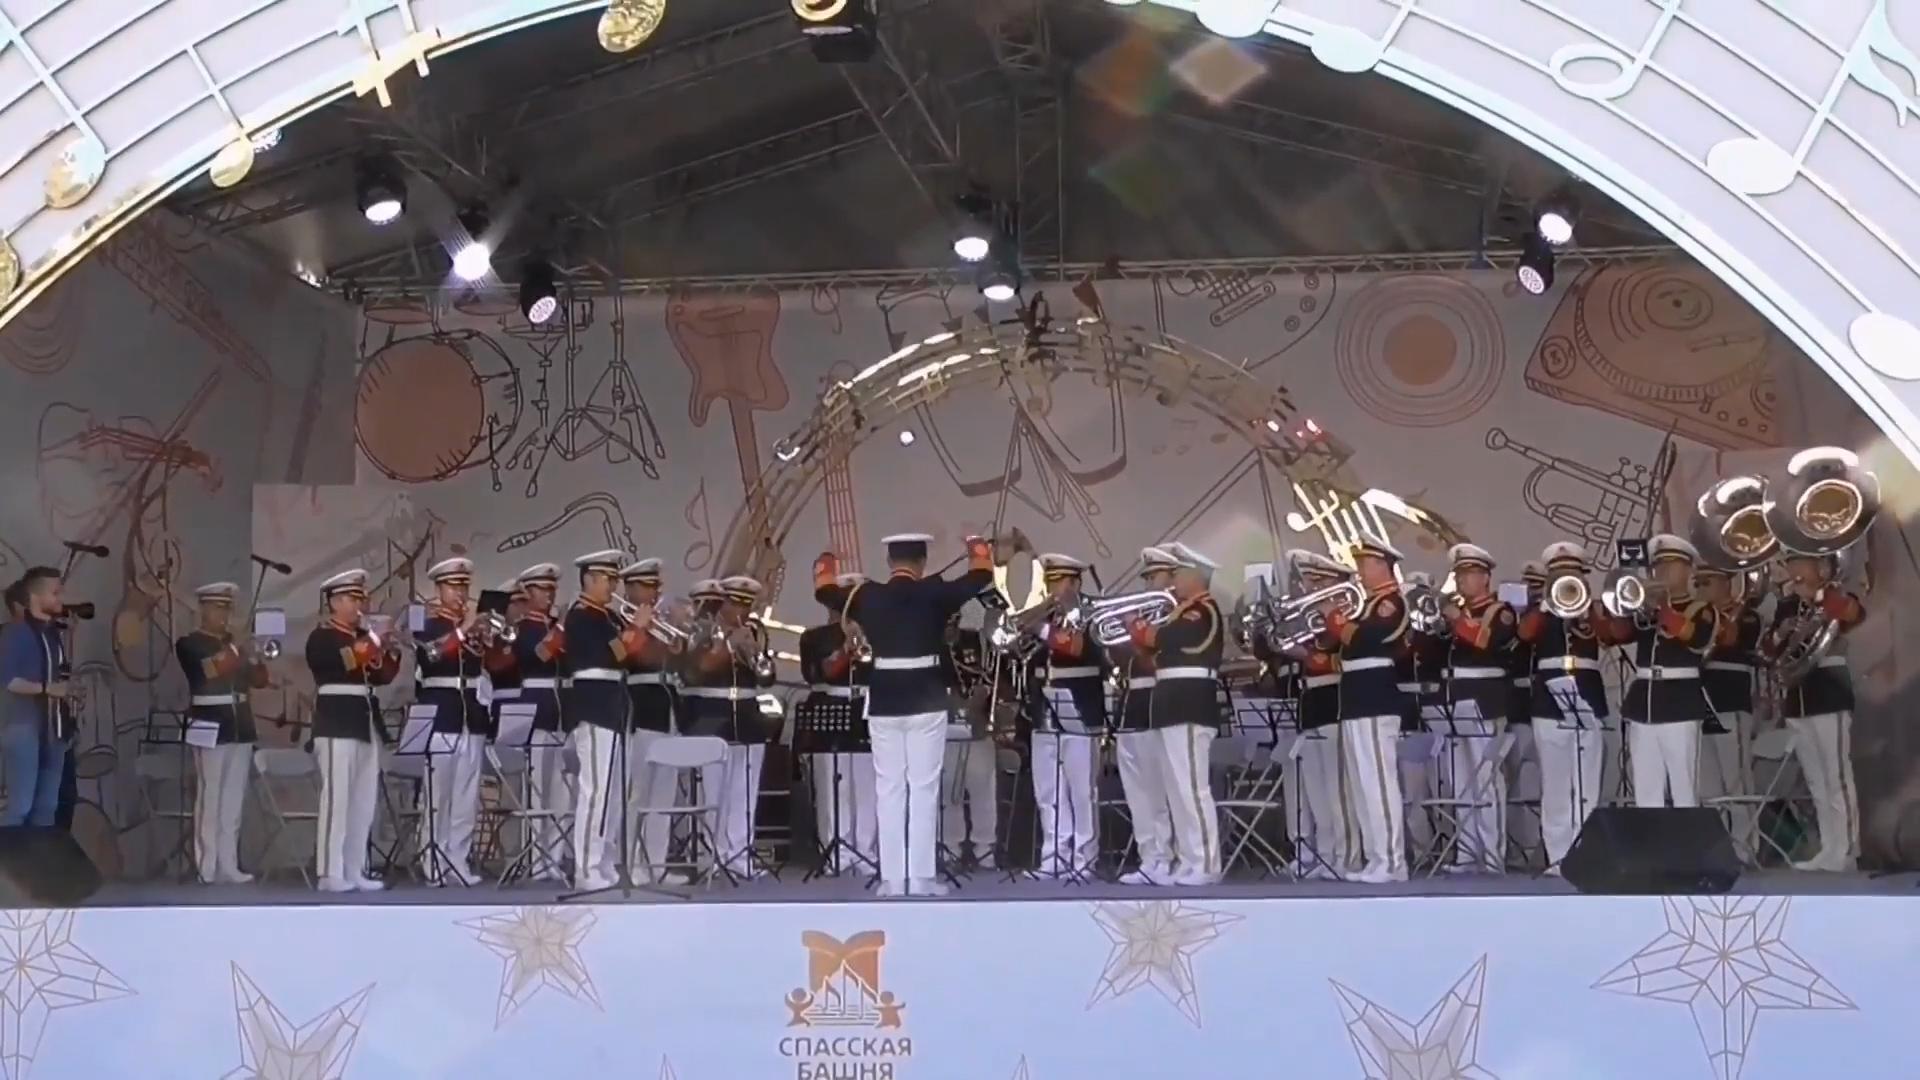 2019莫斯科国际军乐节,解放军演奏俄罗斯国歌,现场响起热烈掌声